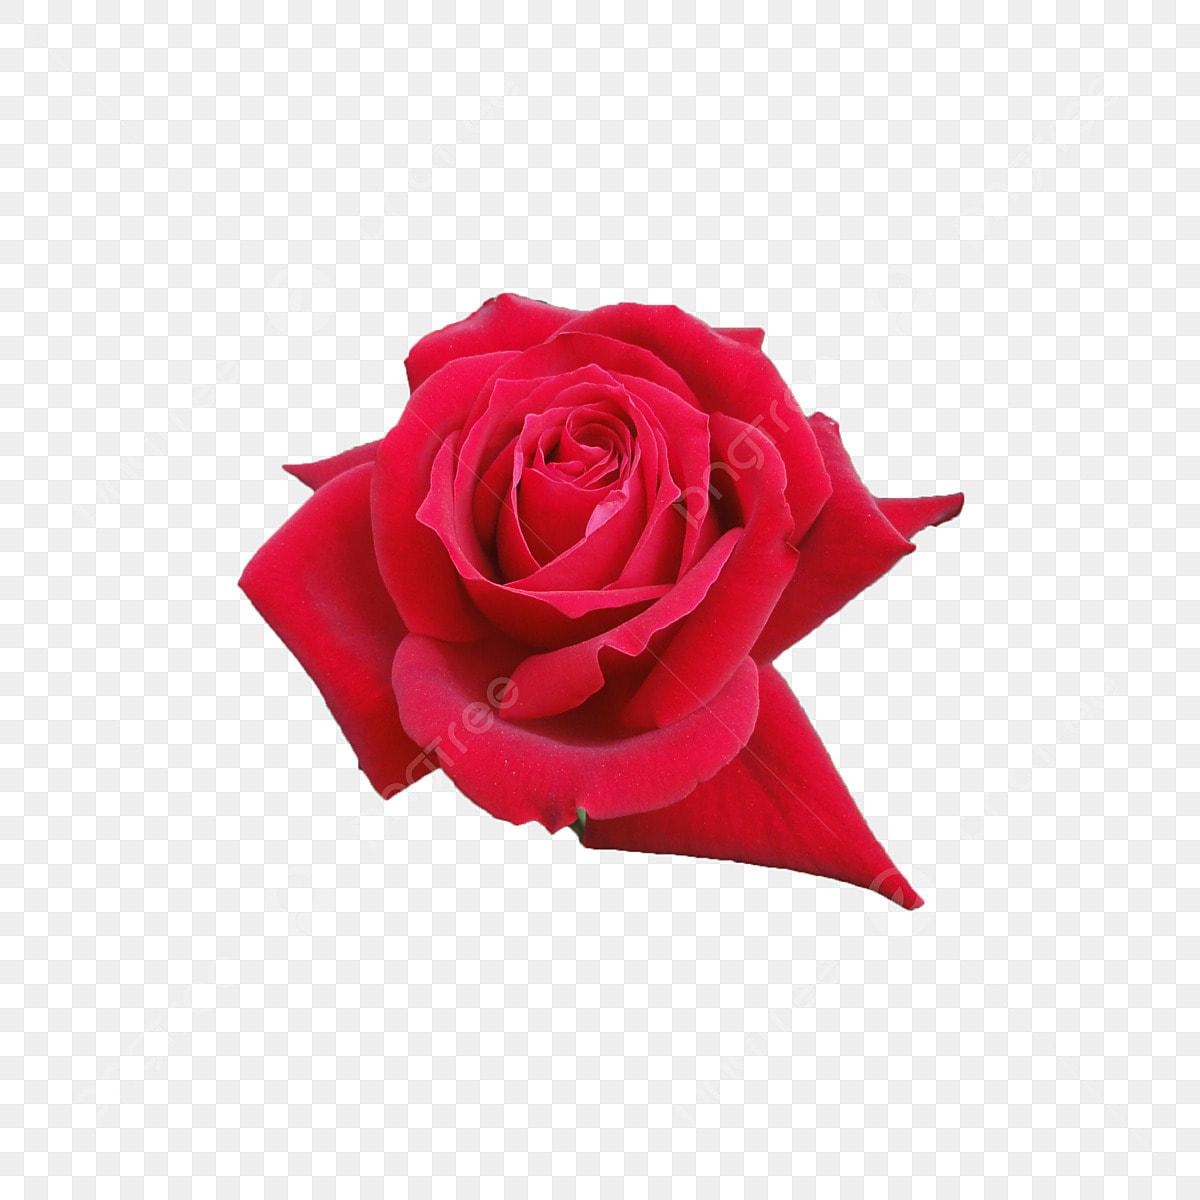 وردة حمراء متفرقة على خلفية بيضاء الذكرى الخلفية جميل Png وملف